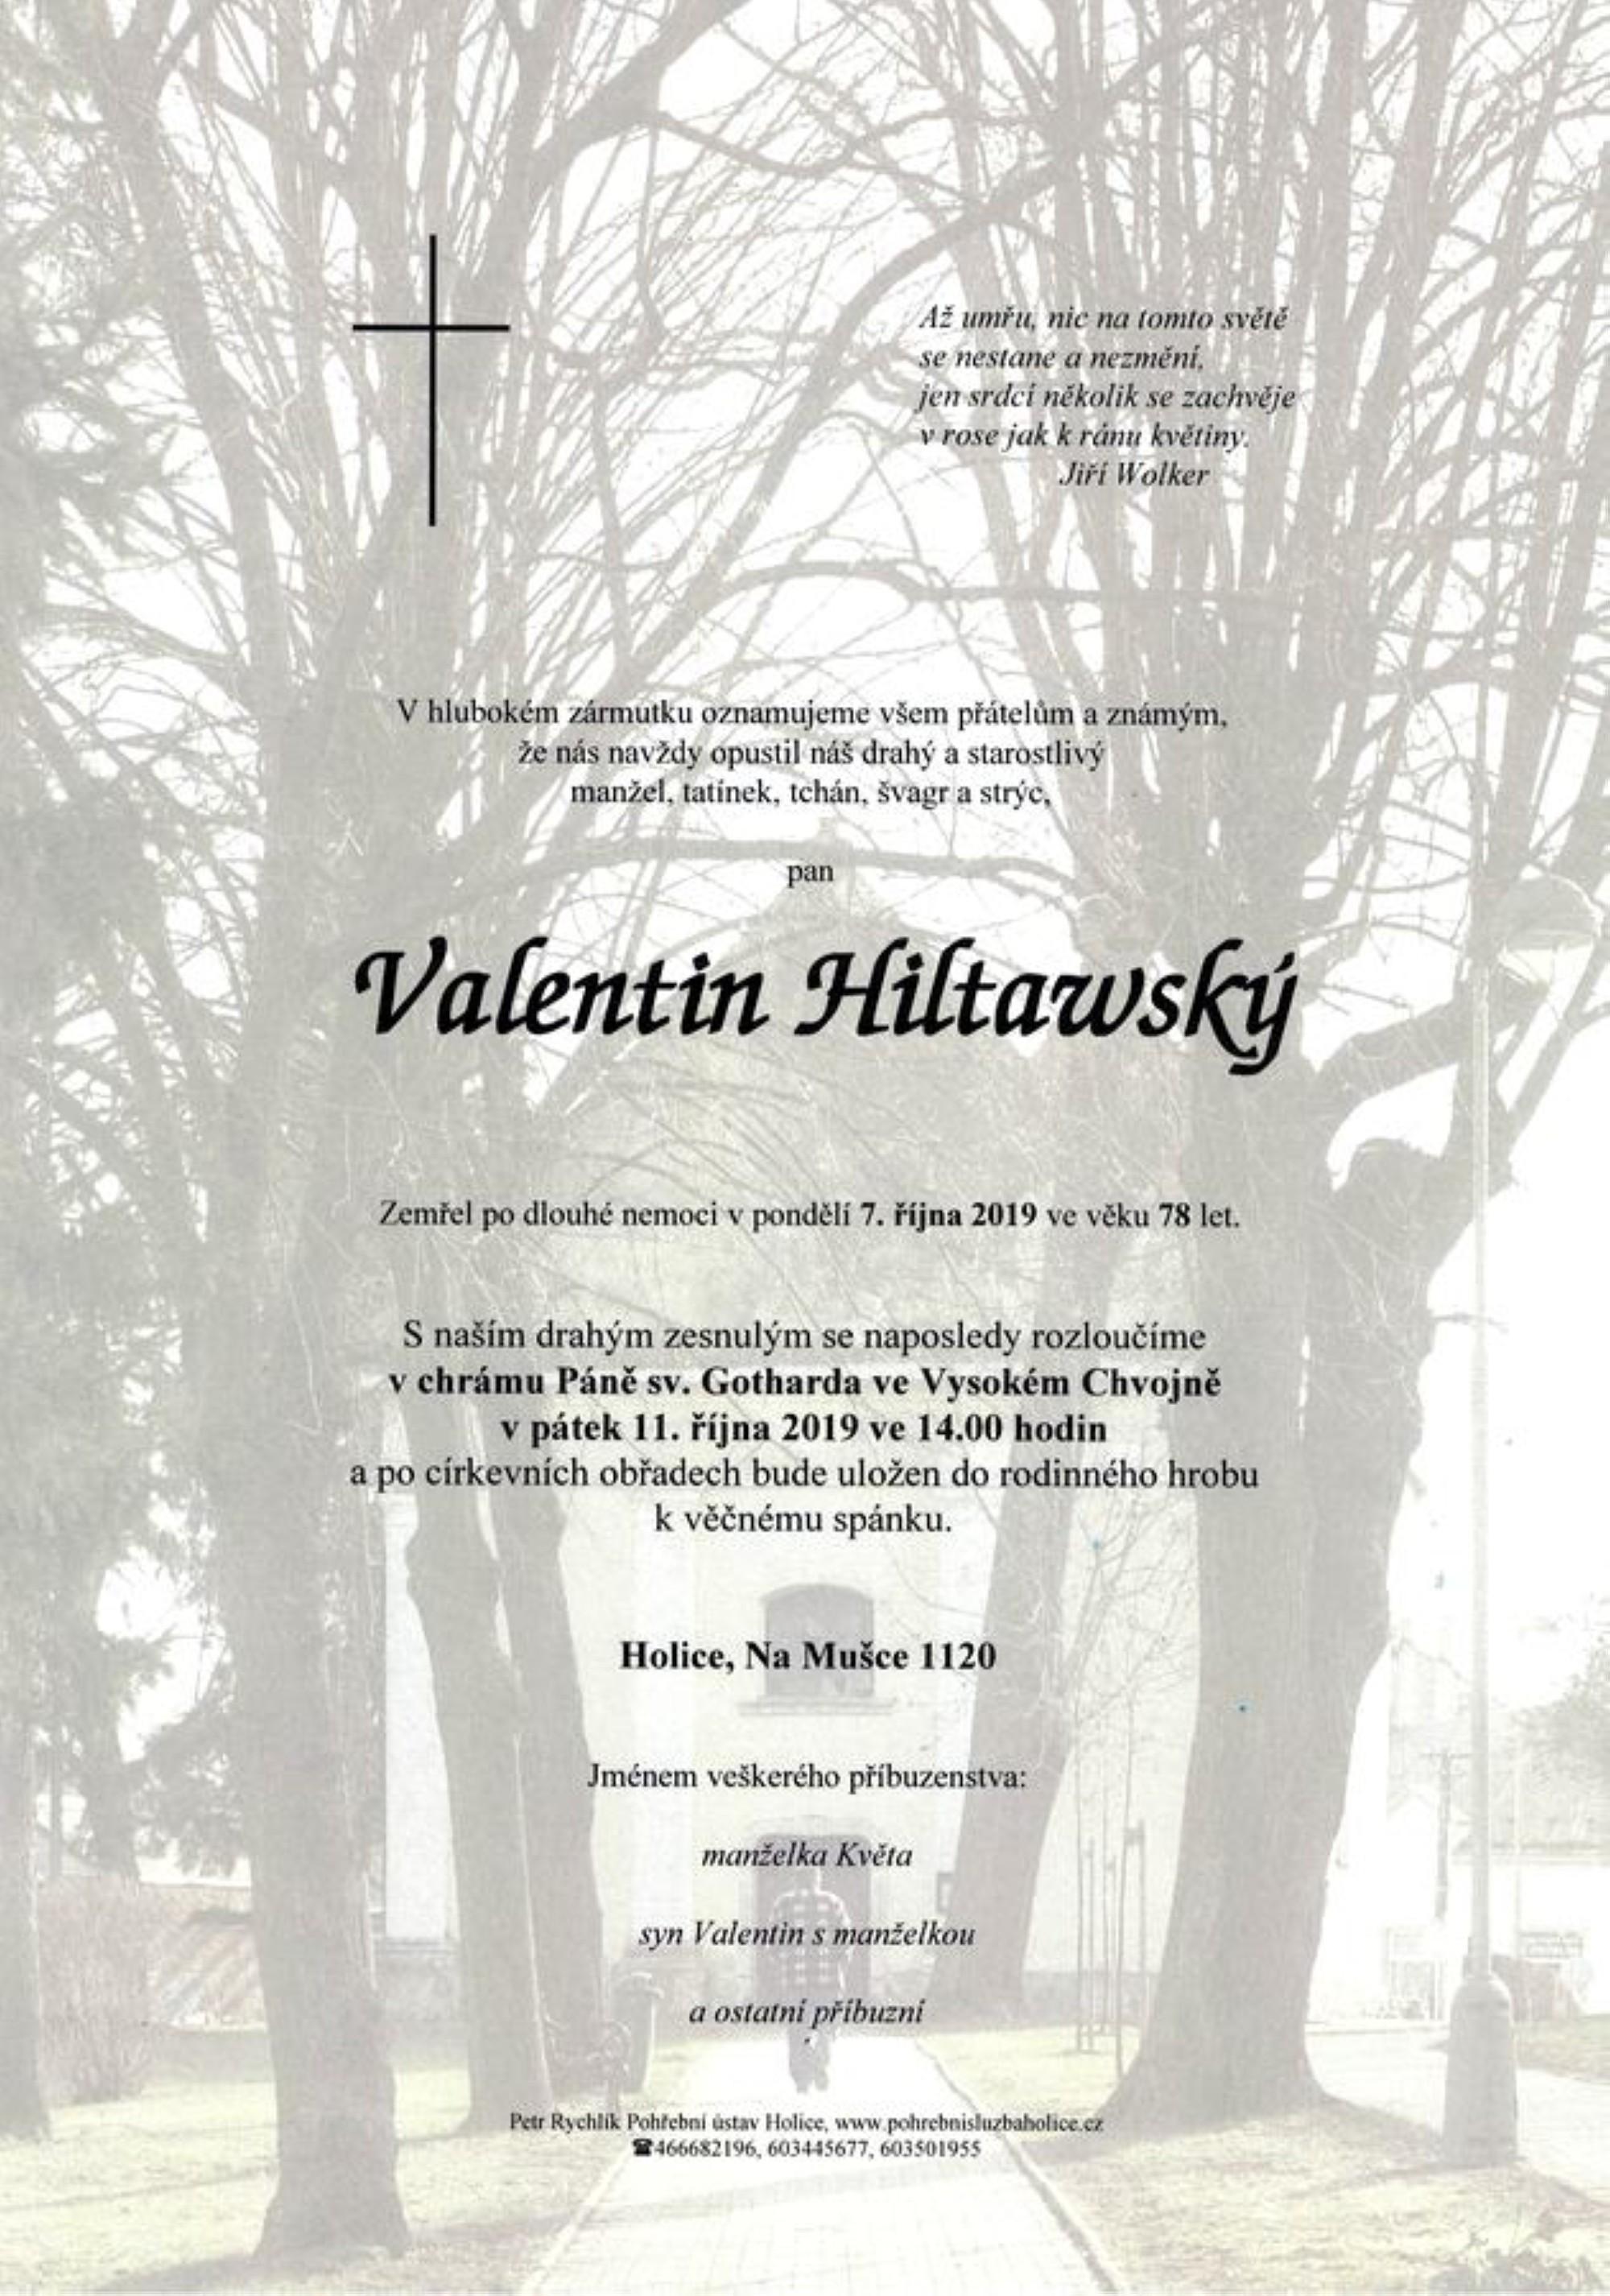 Valentin Hiltawský